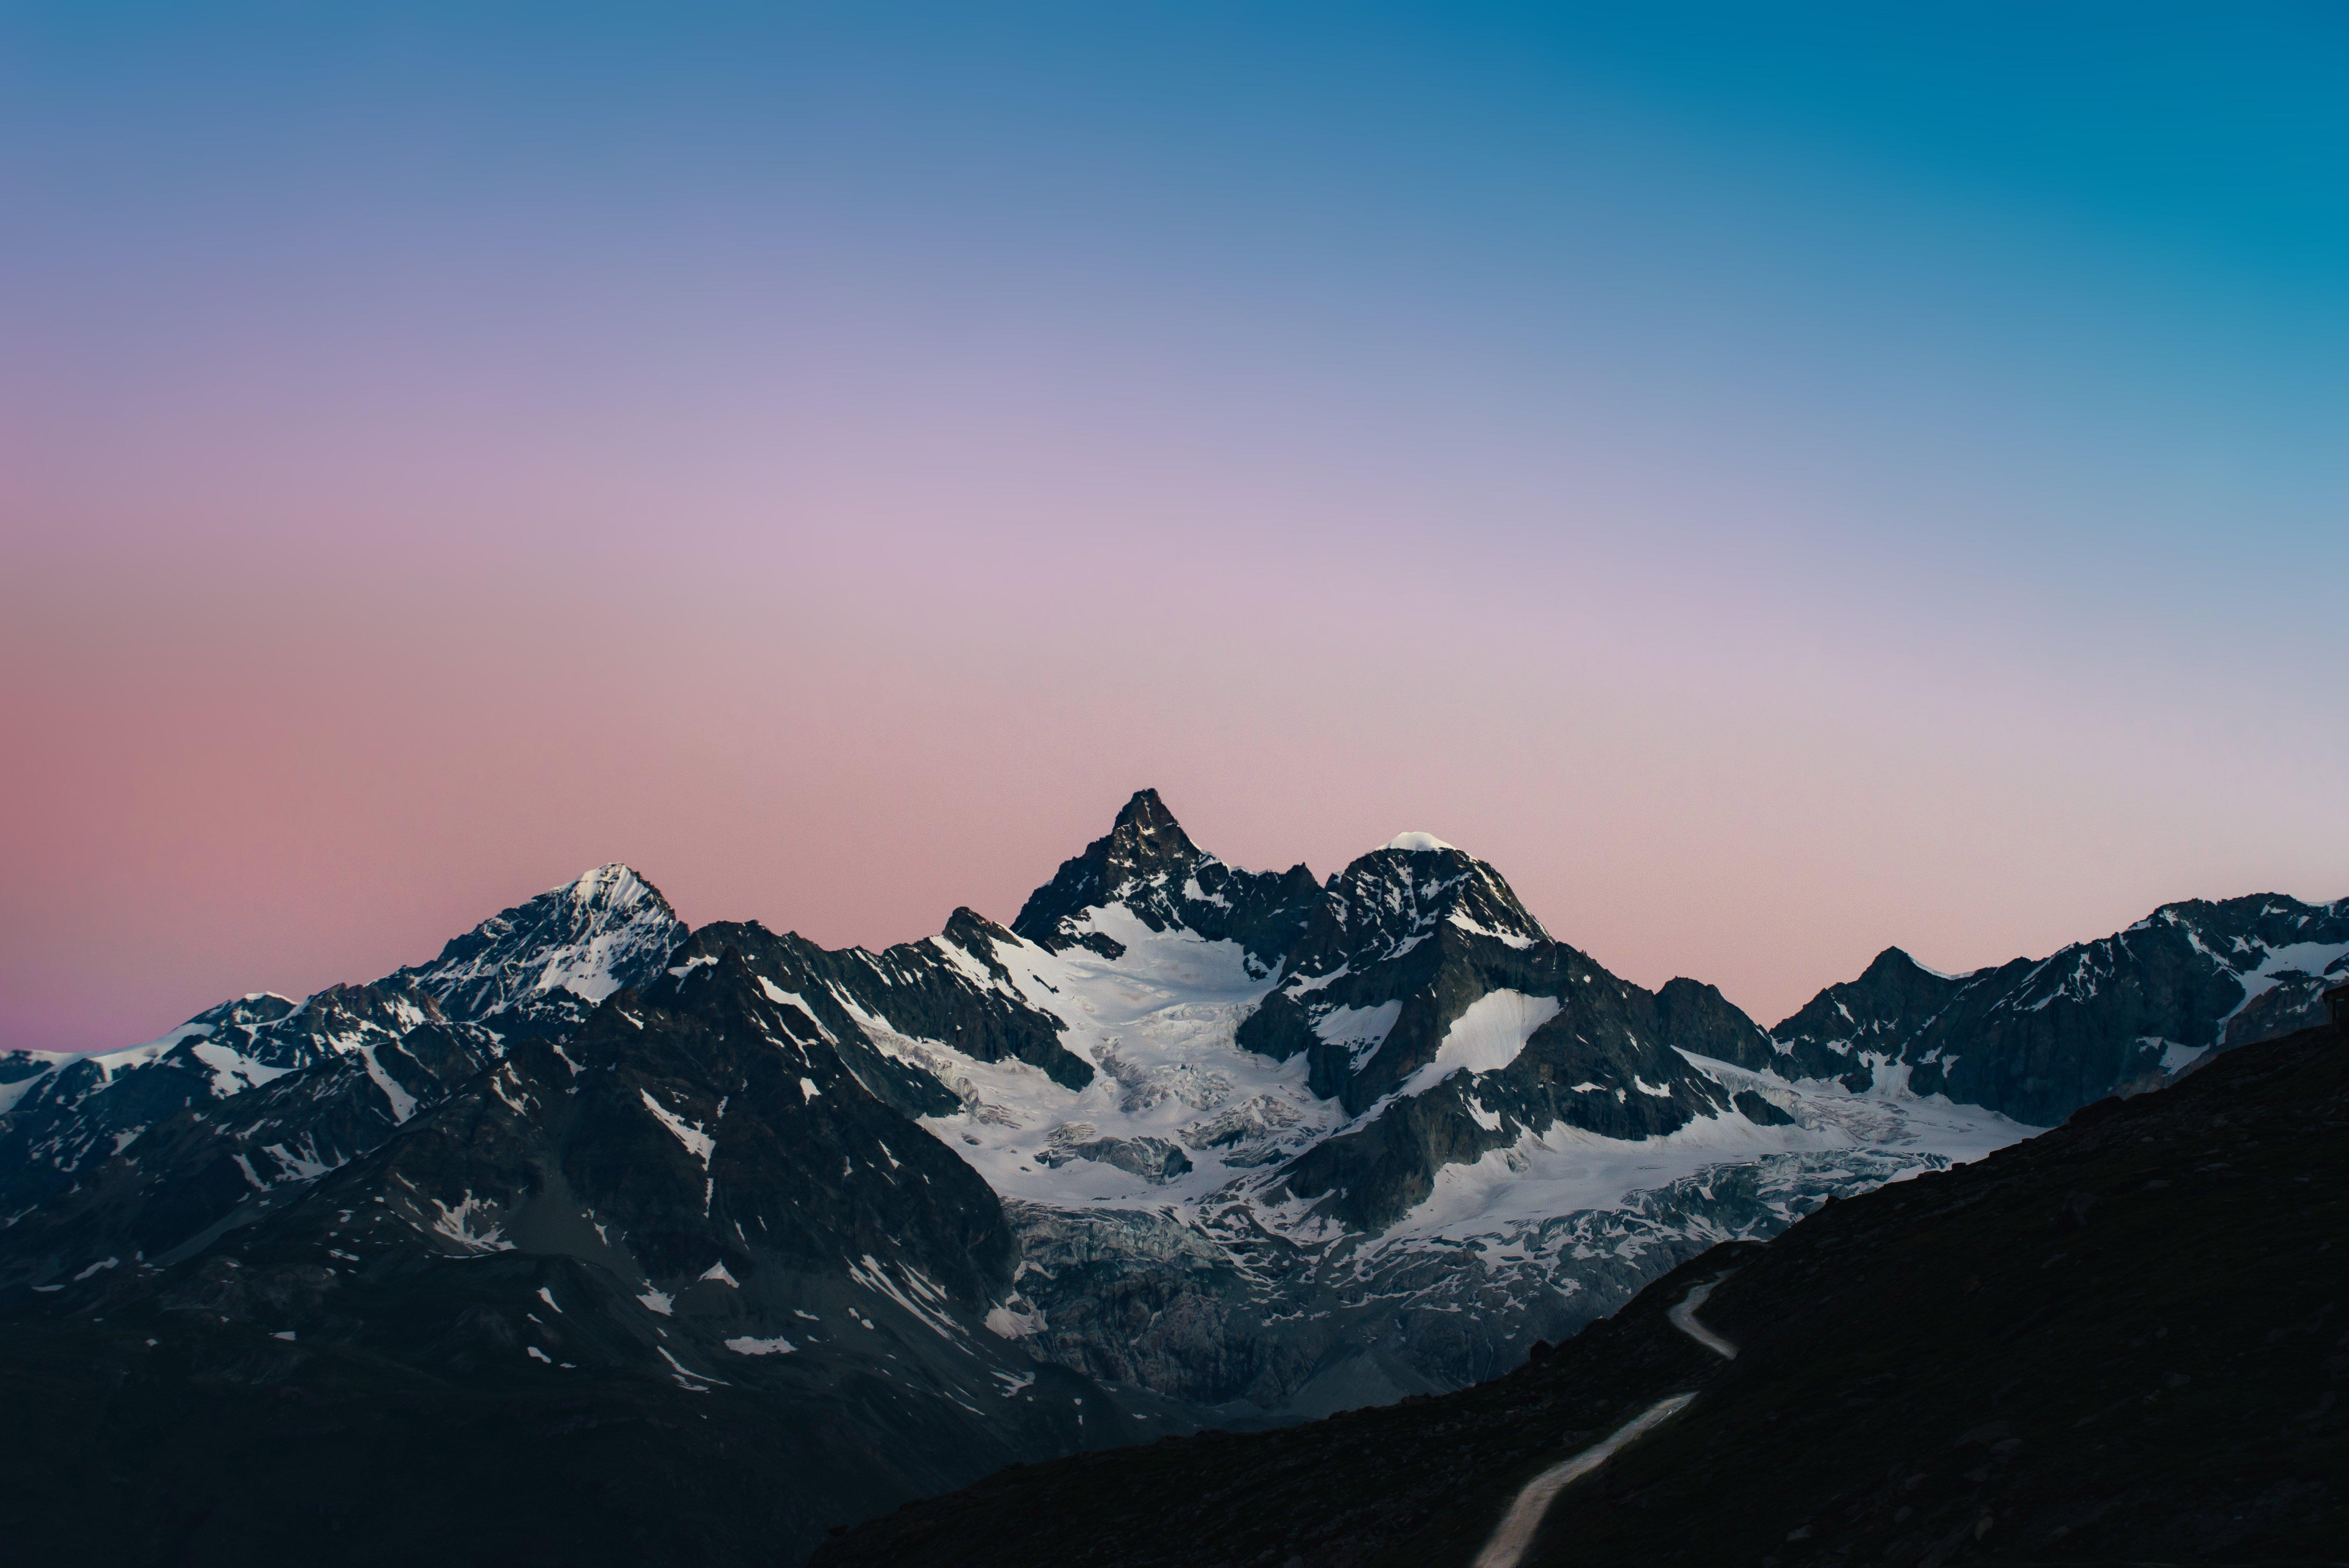 Zermatt switzerland 4k wallpaper - 4k wallpaper download ...